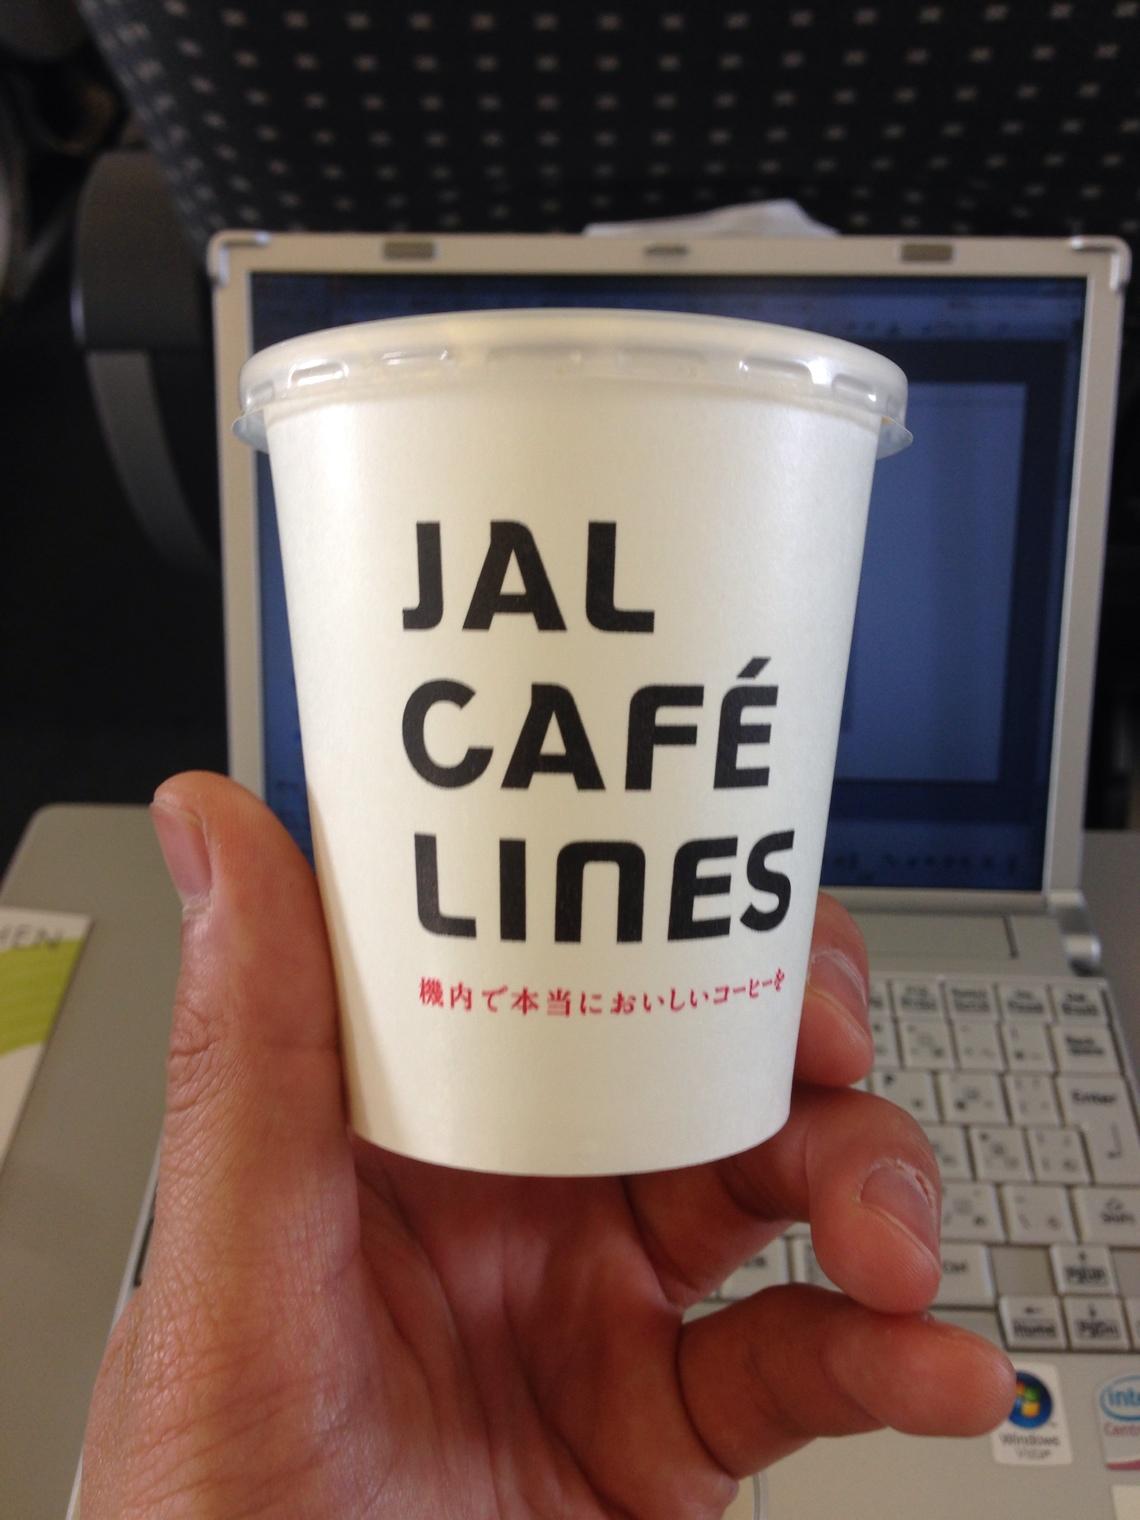 JALの機内コーヒーはコーヒーハンター川島良彰だから美味しい!